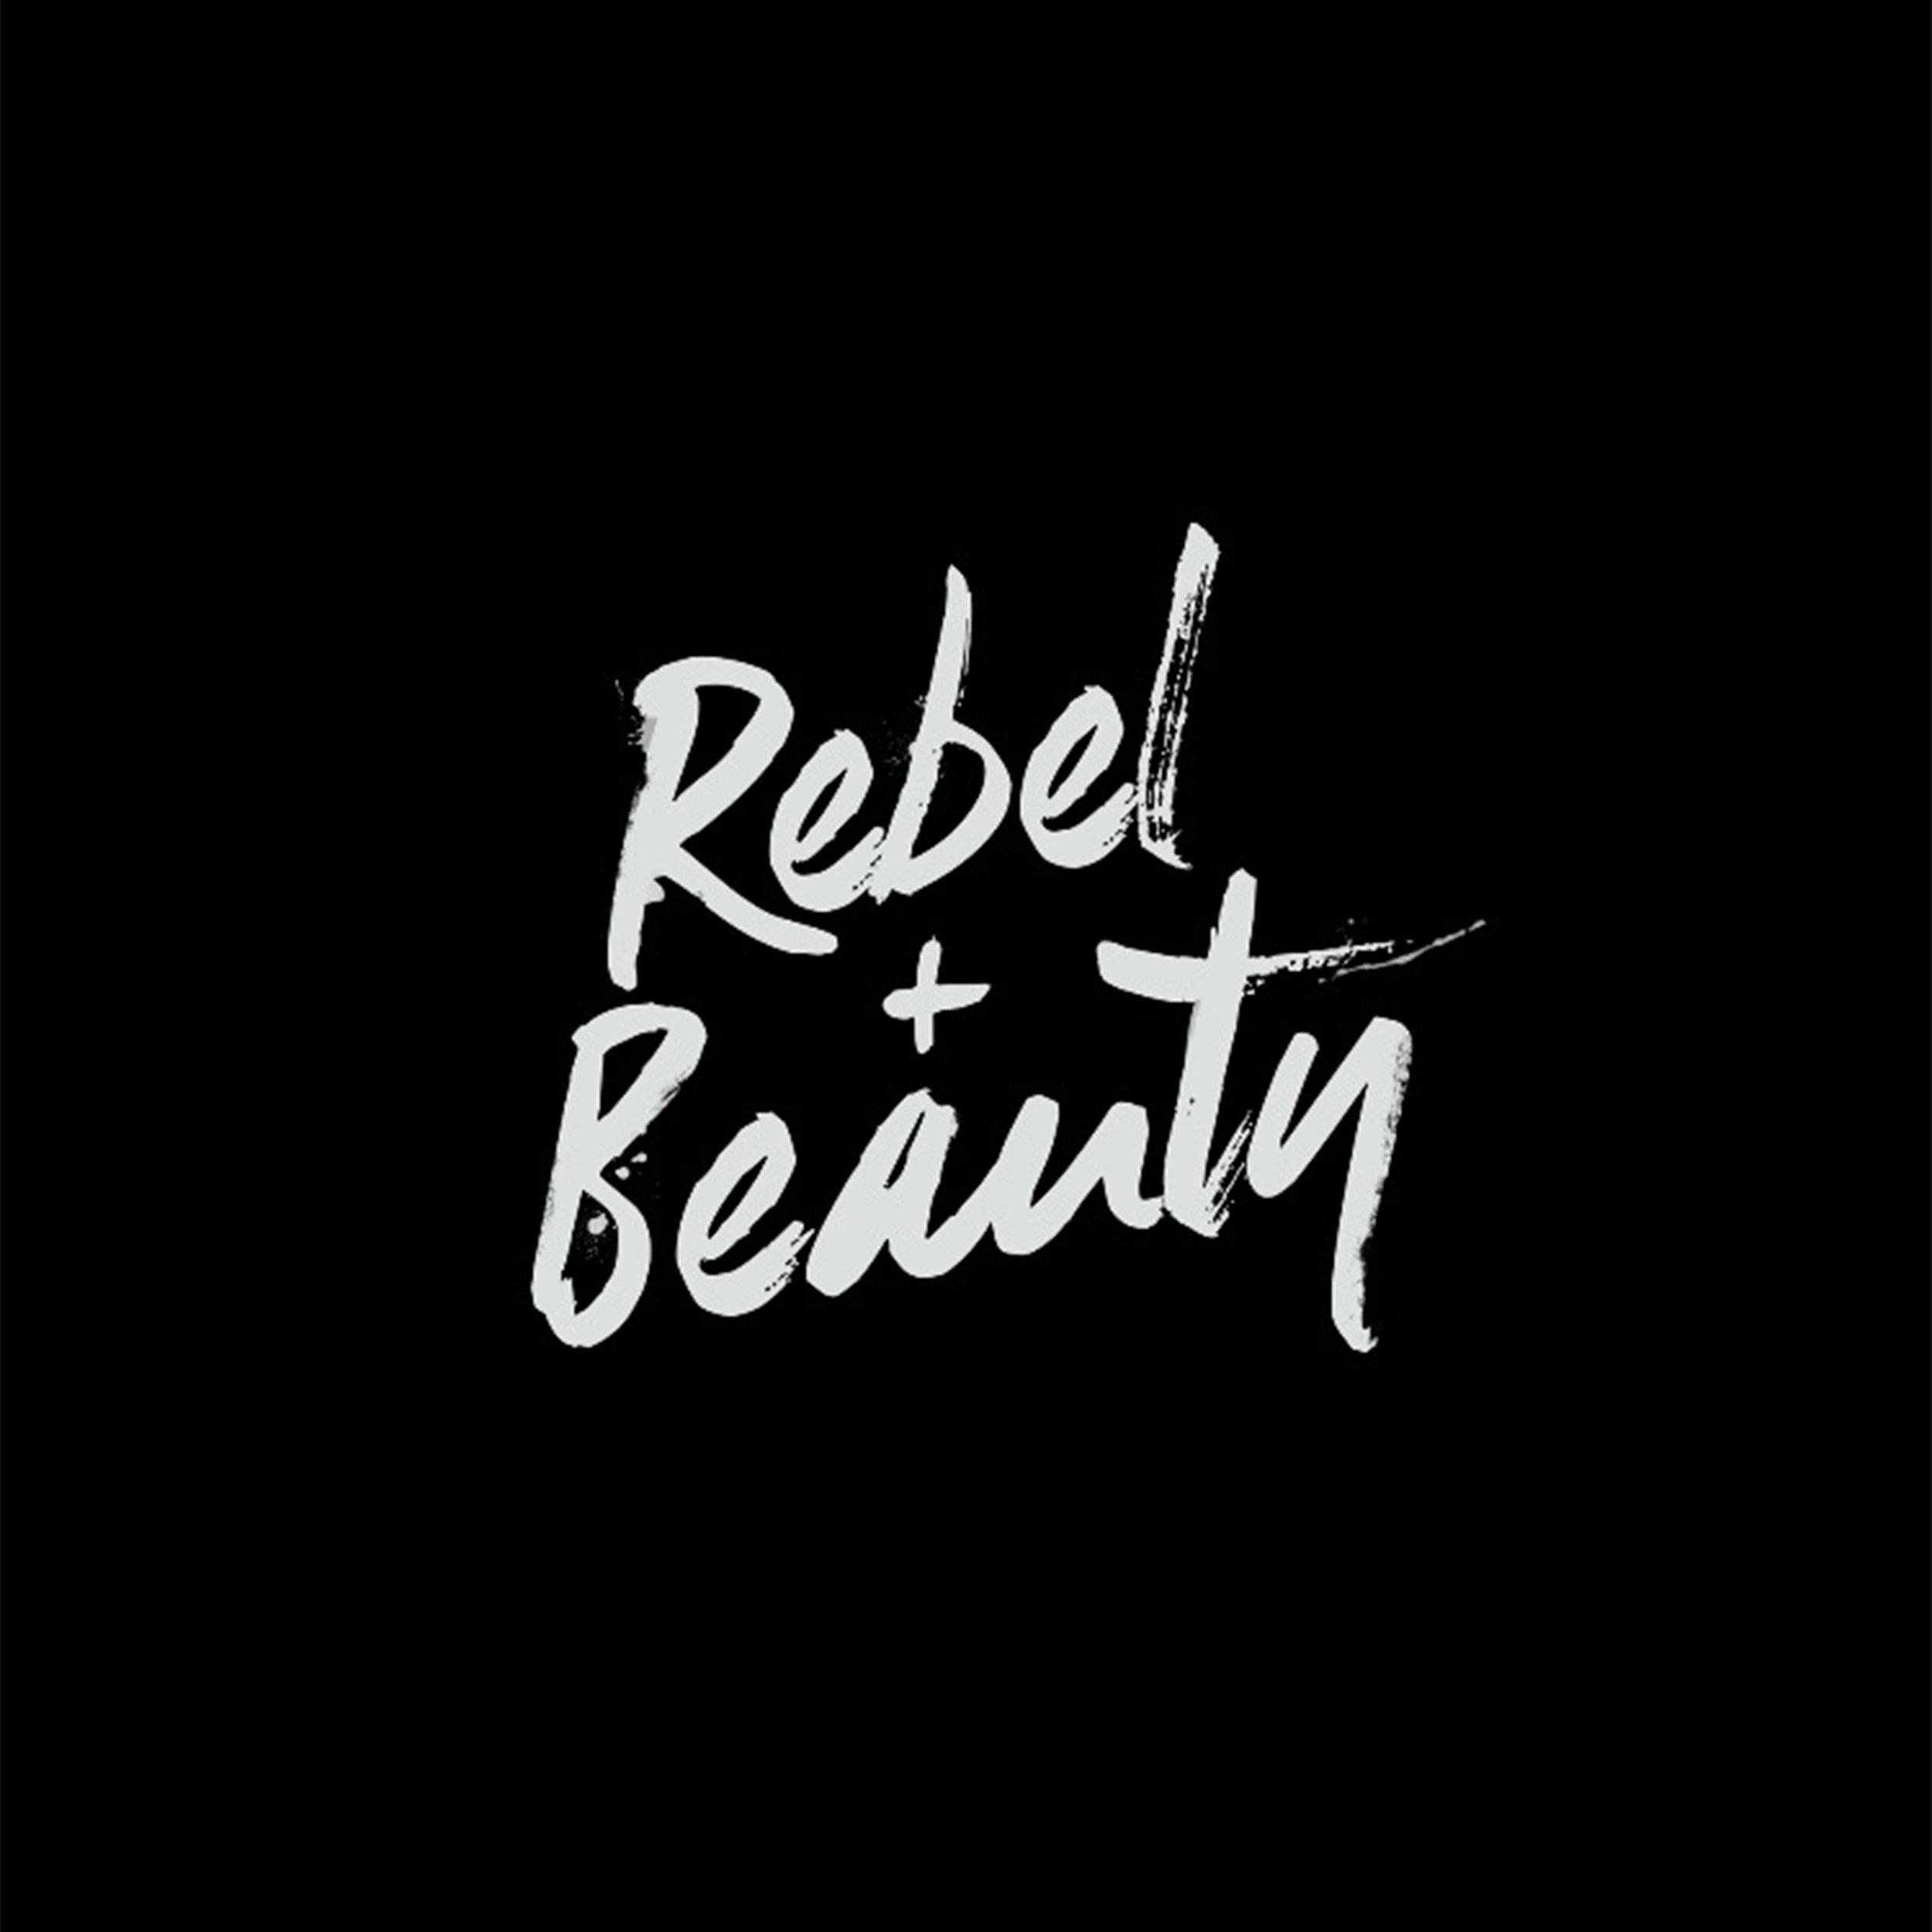 Rebel-Beauty.jpg